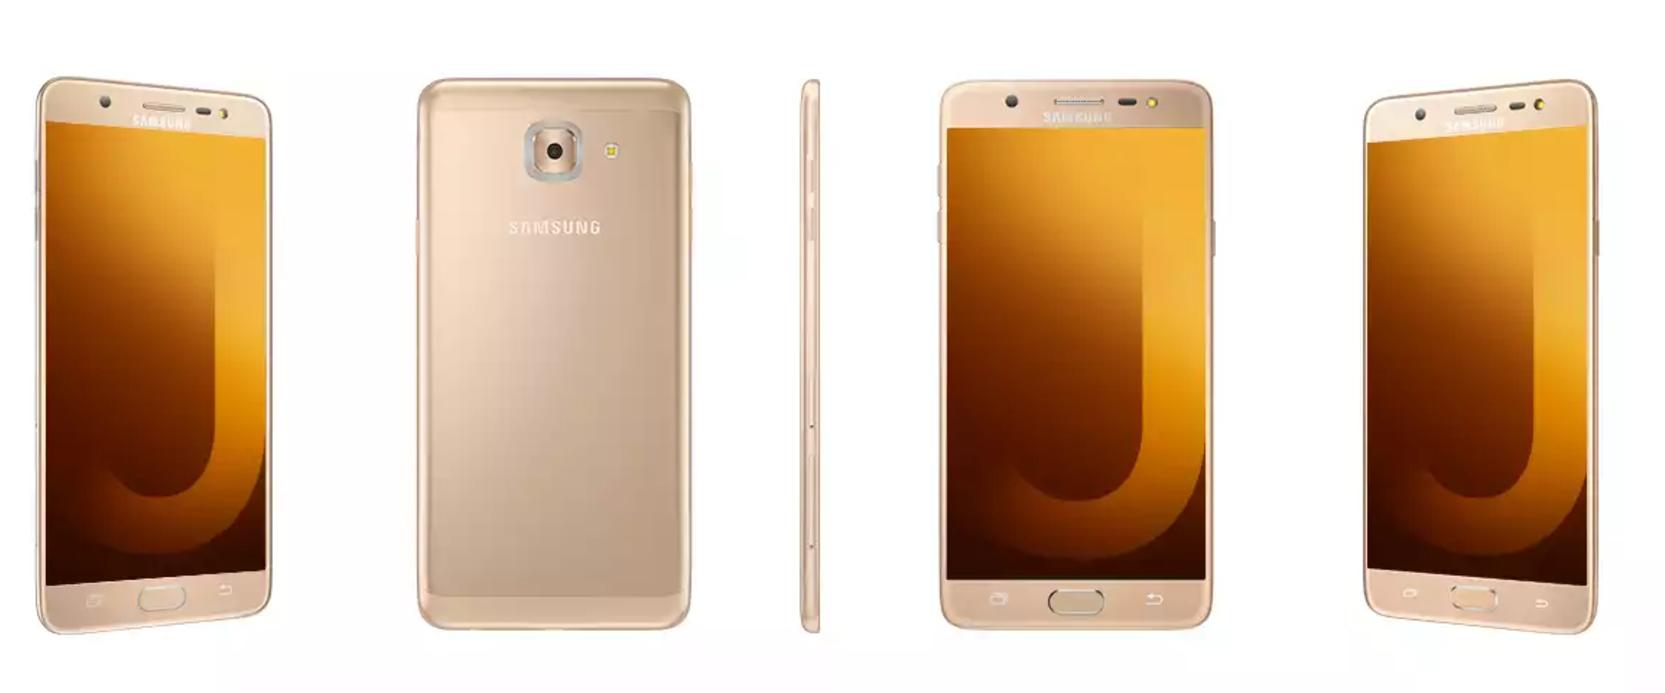 Samsung、ミドルレンジスマホ「Galaxy J7 Max / Pro」をインドで発表